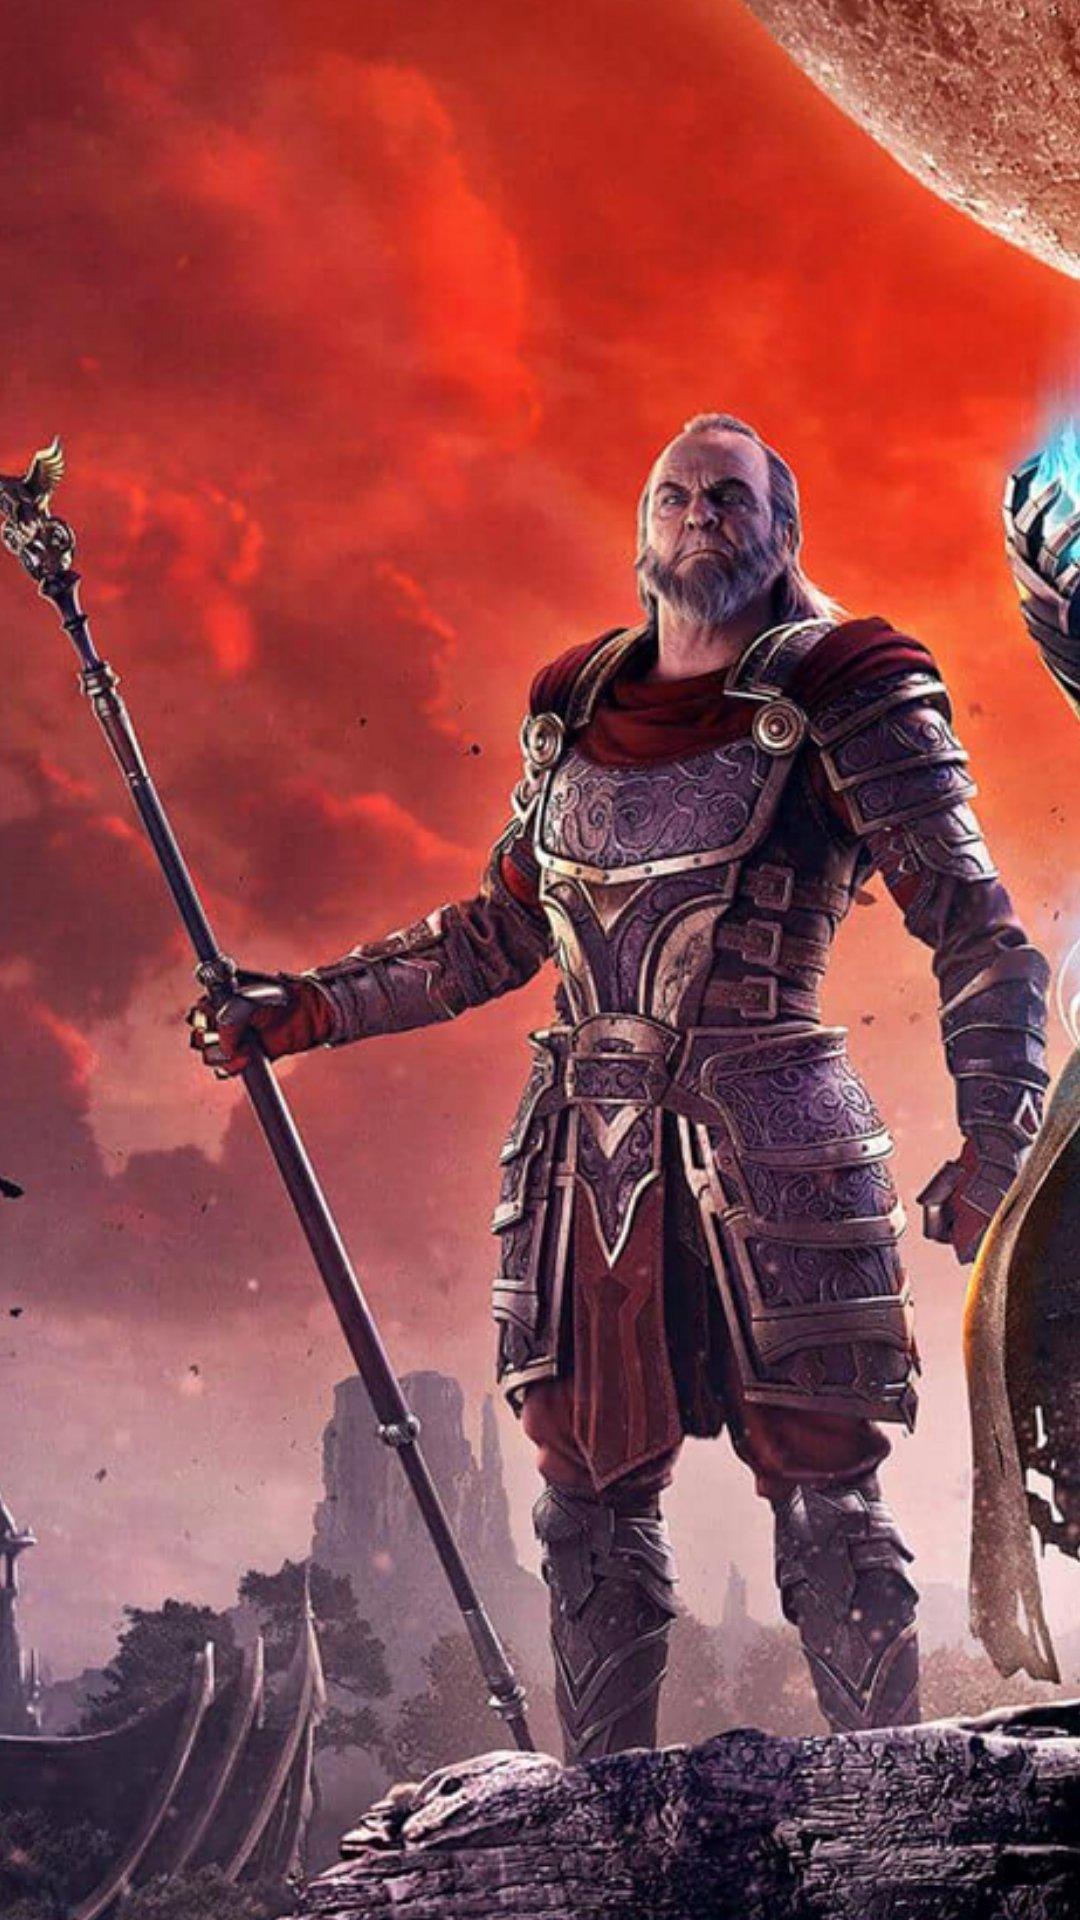 Loreseekers: Elder Scrolls Online Podcast on Twitter: